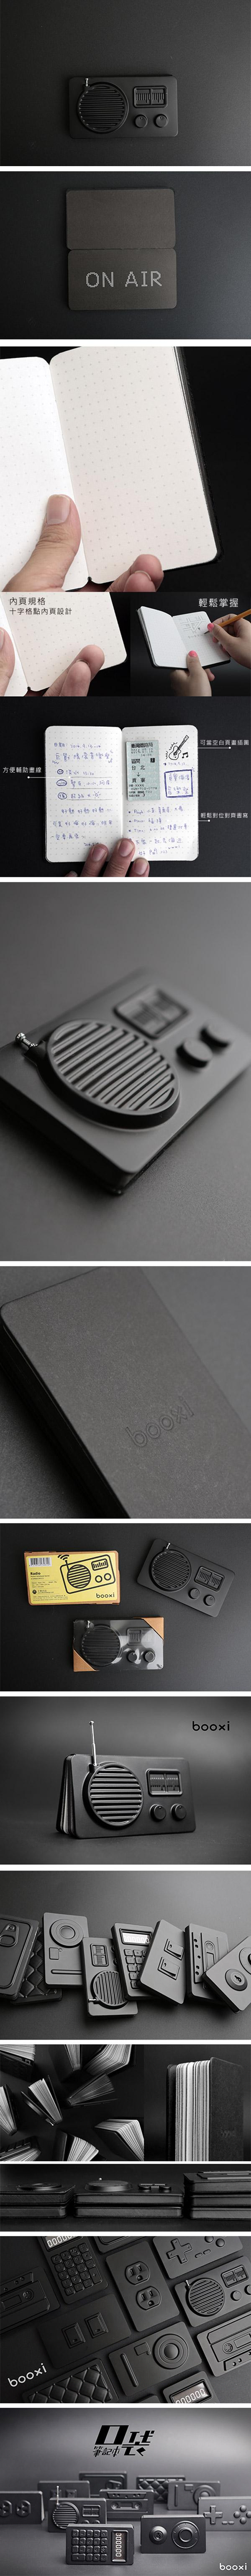 天晴設計 收音機造型筆記本 Radio Notebook